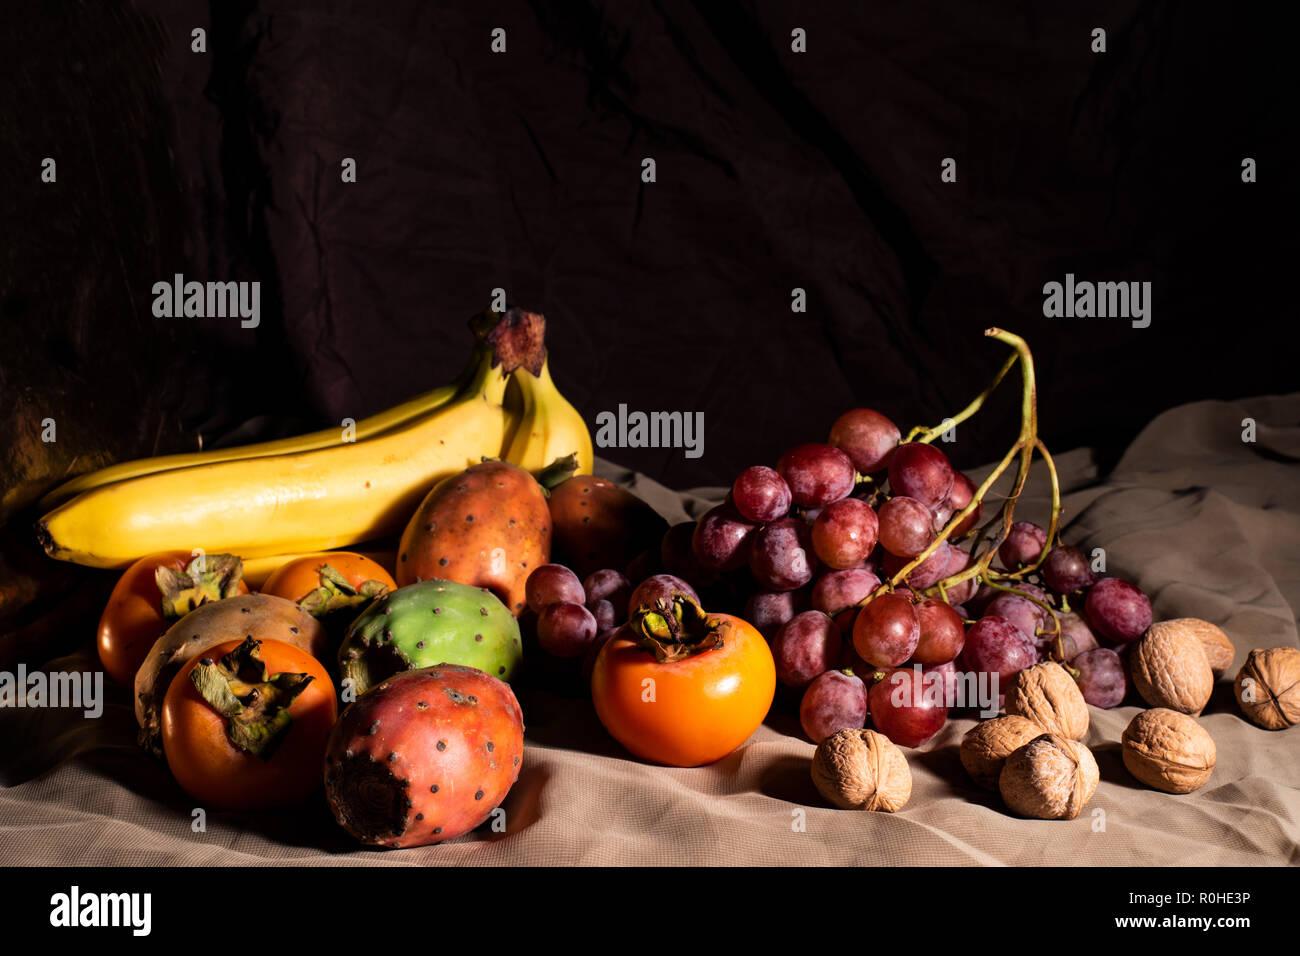 Frutta Mista Immagini Stock